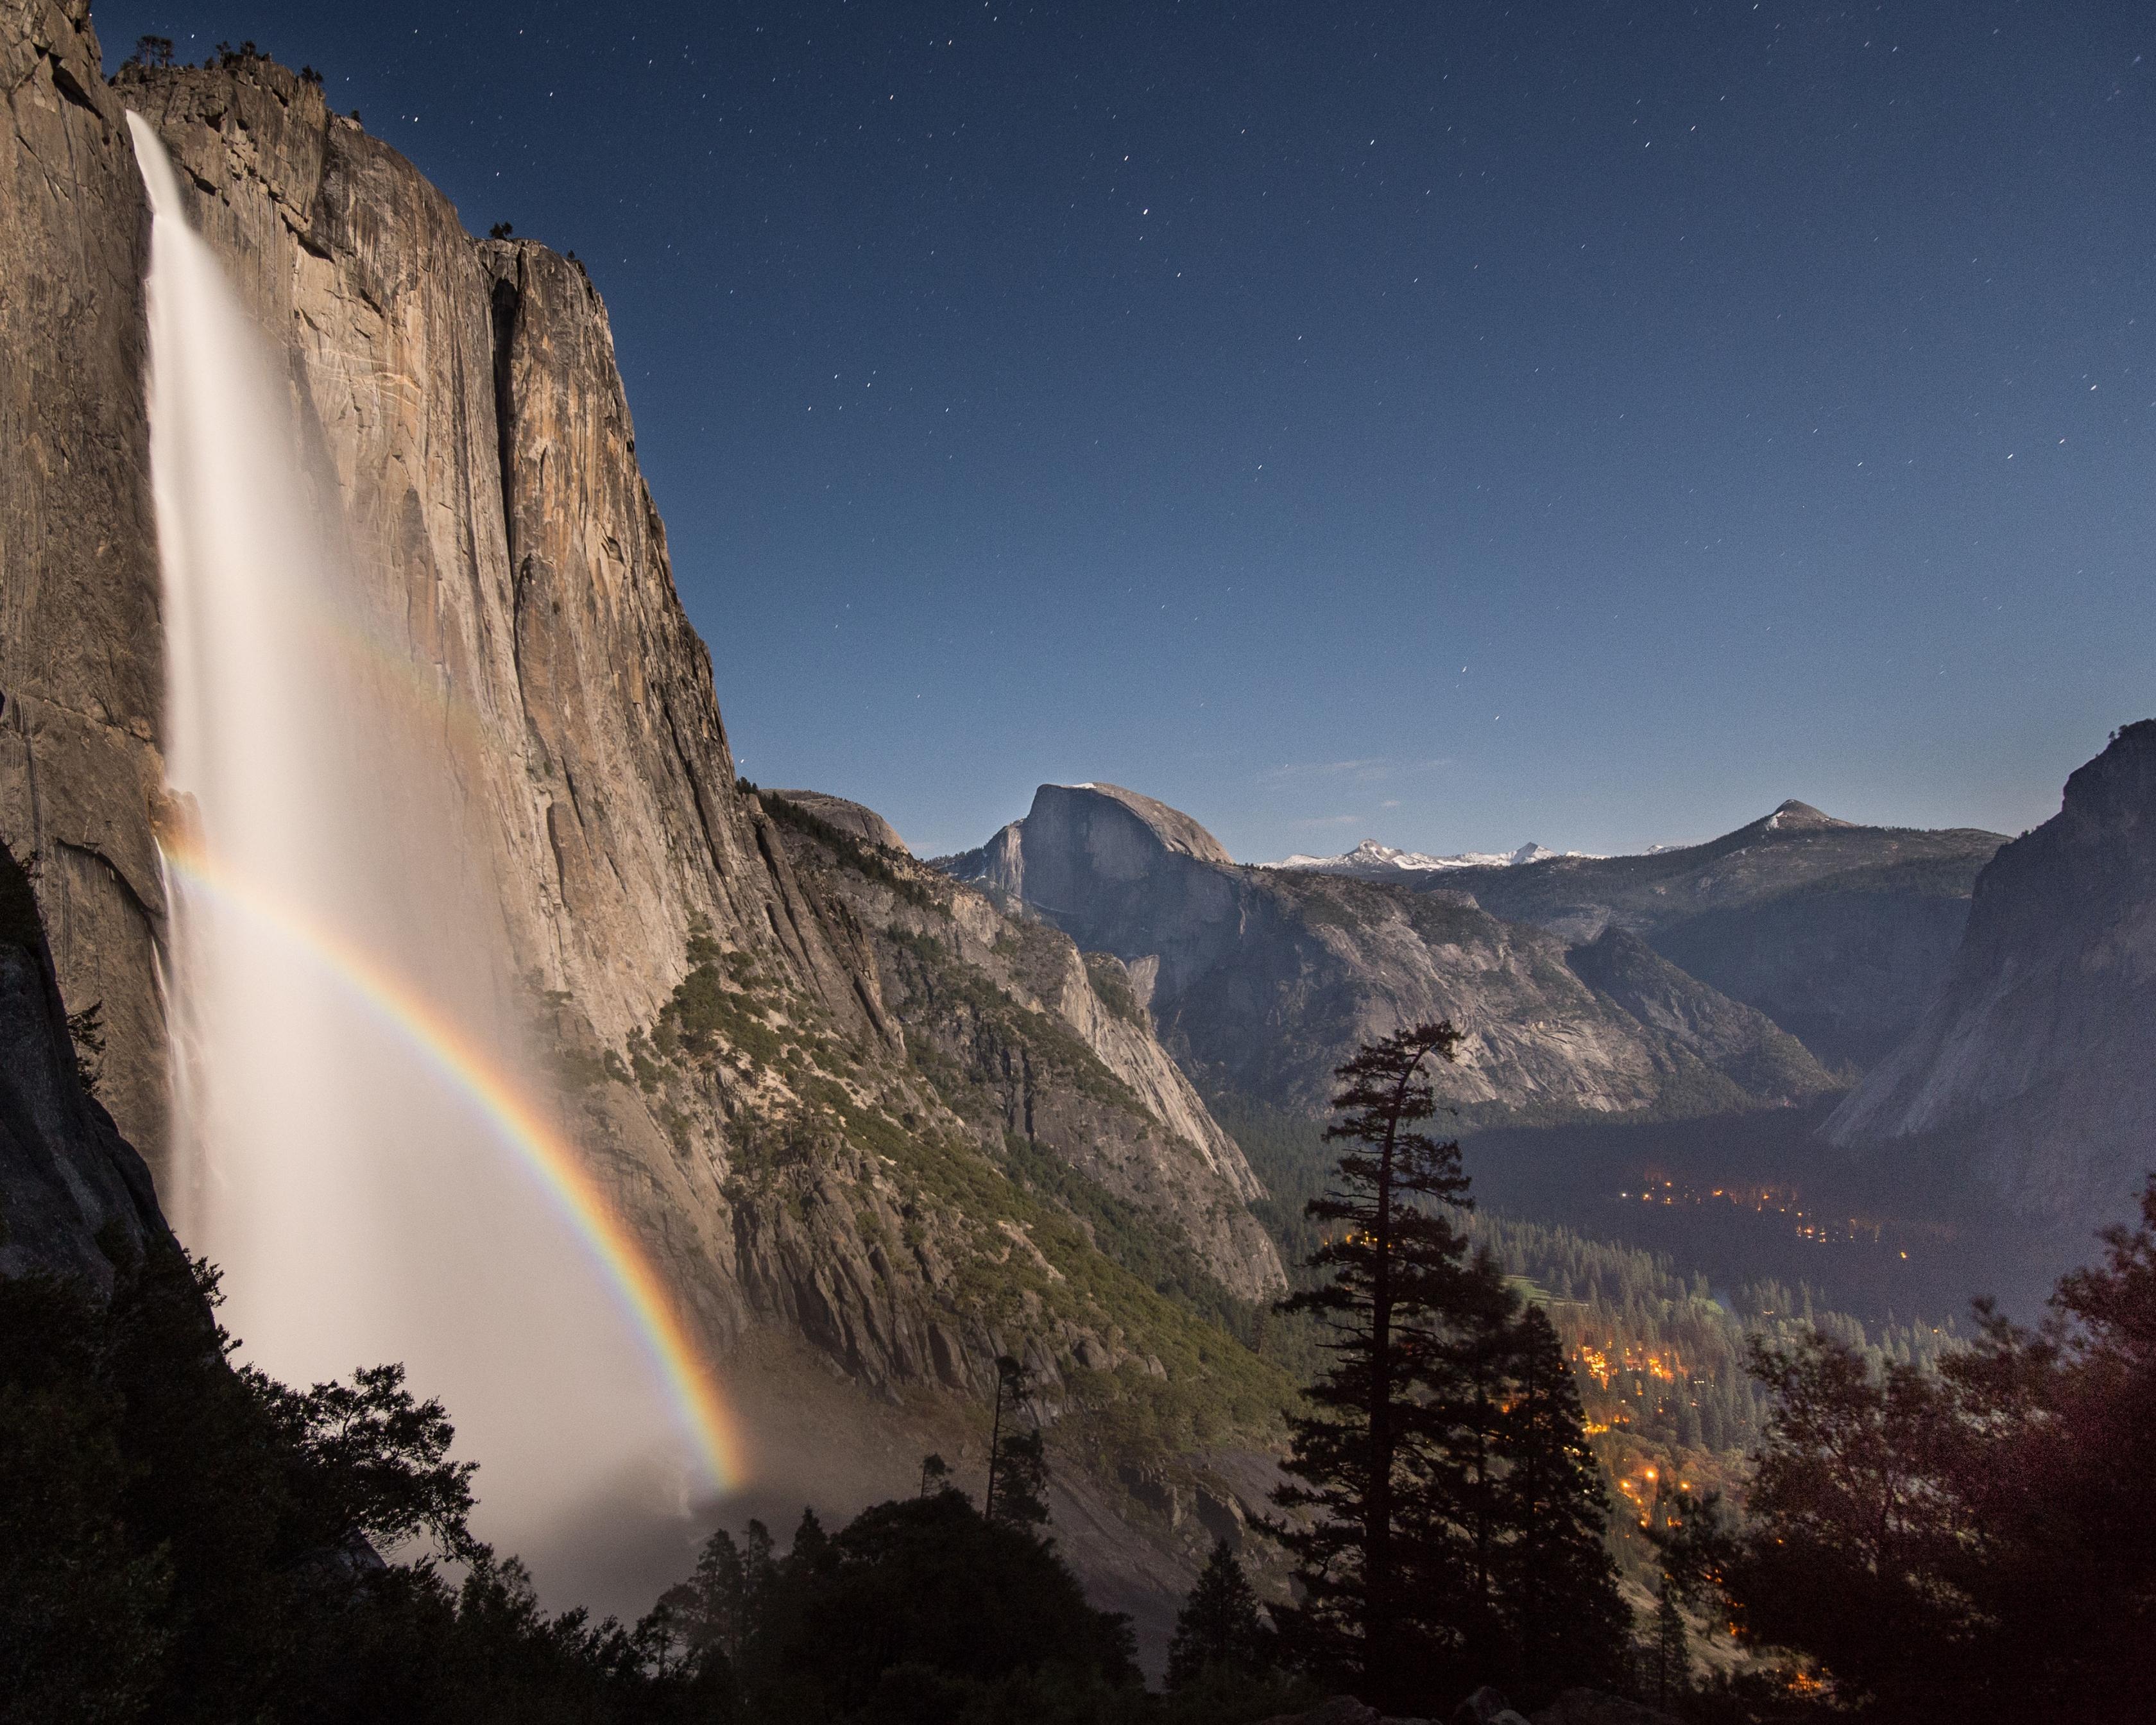 Se captura un arco de luna sobre las cataratas Bridalveil en el Parque Nacional de Yosemite.